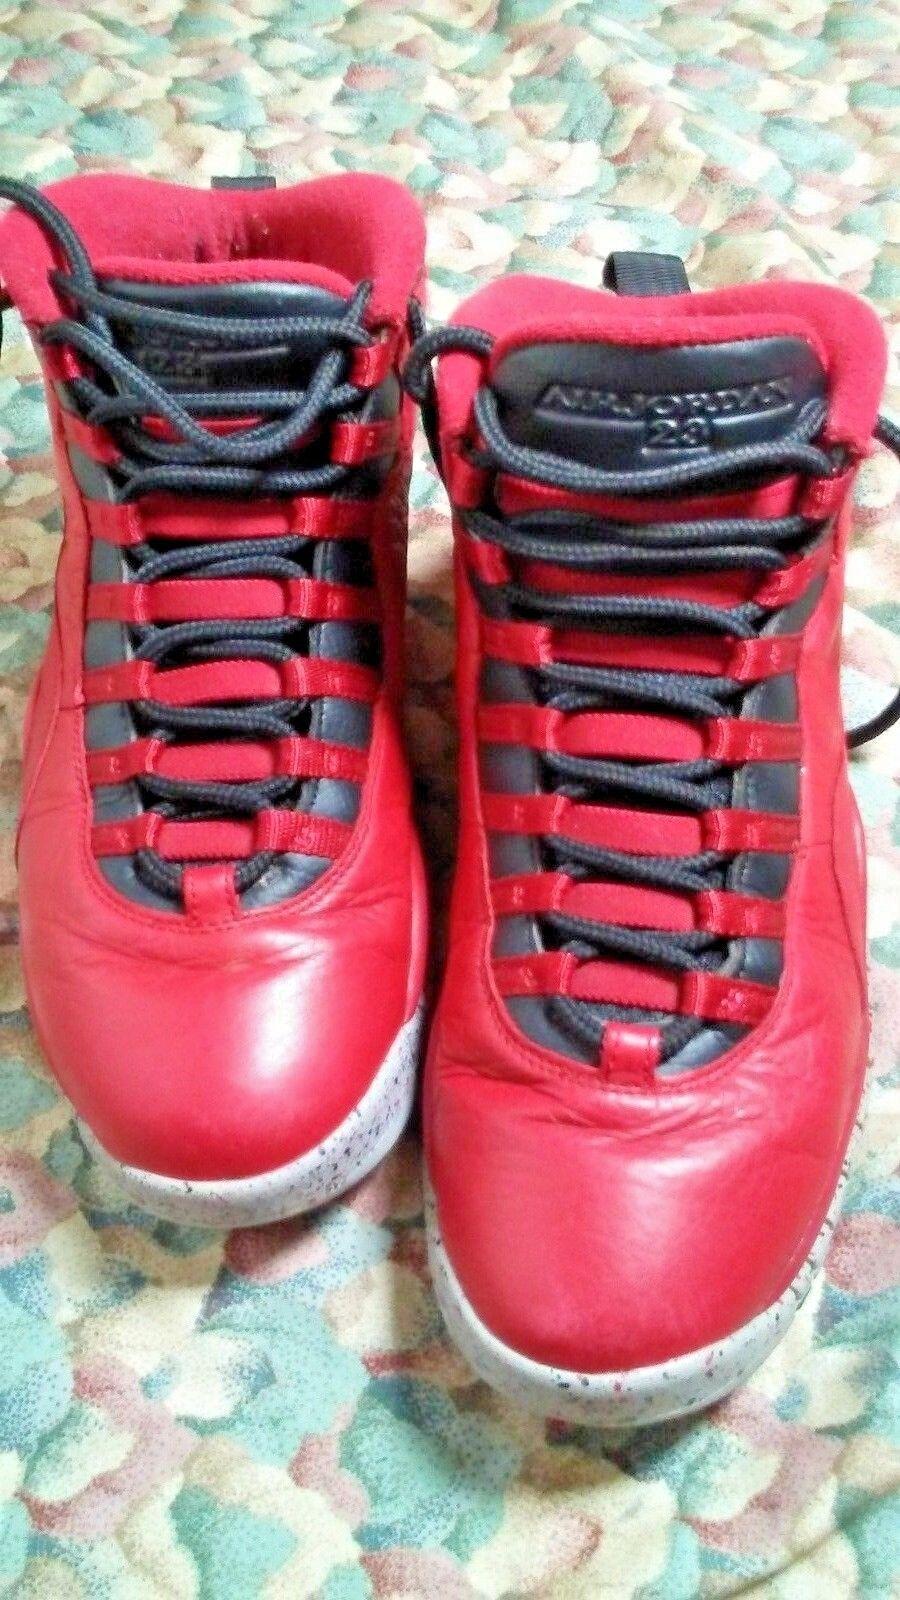 Nike Air Jordan Retro de 30 705178-601 gimnasio reduccion de Retro precio especial por tiempo limitado 013818